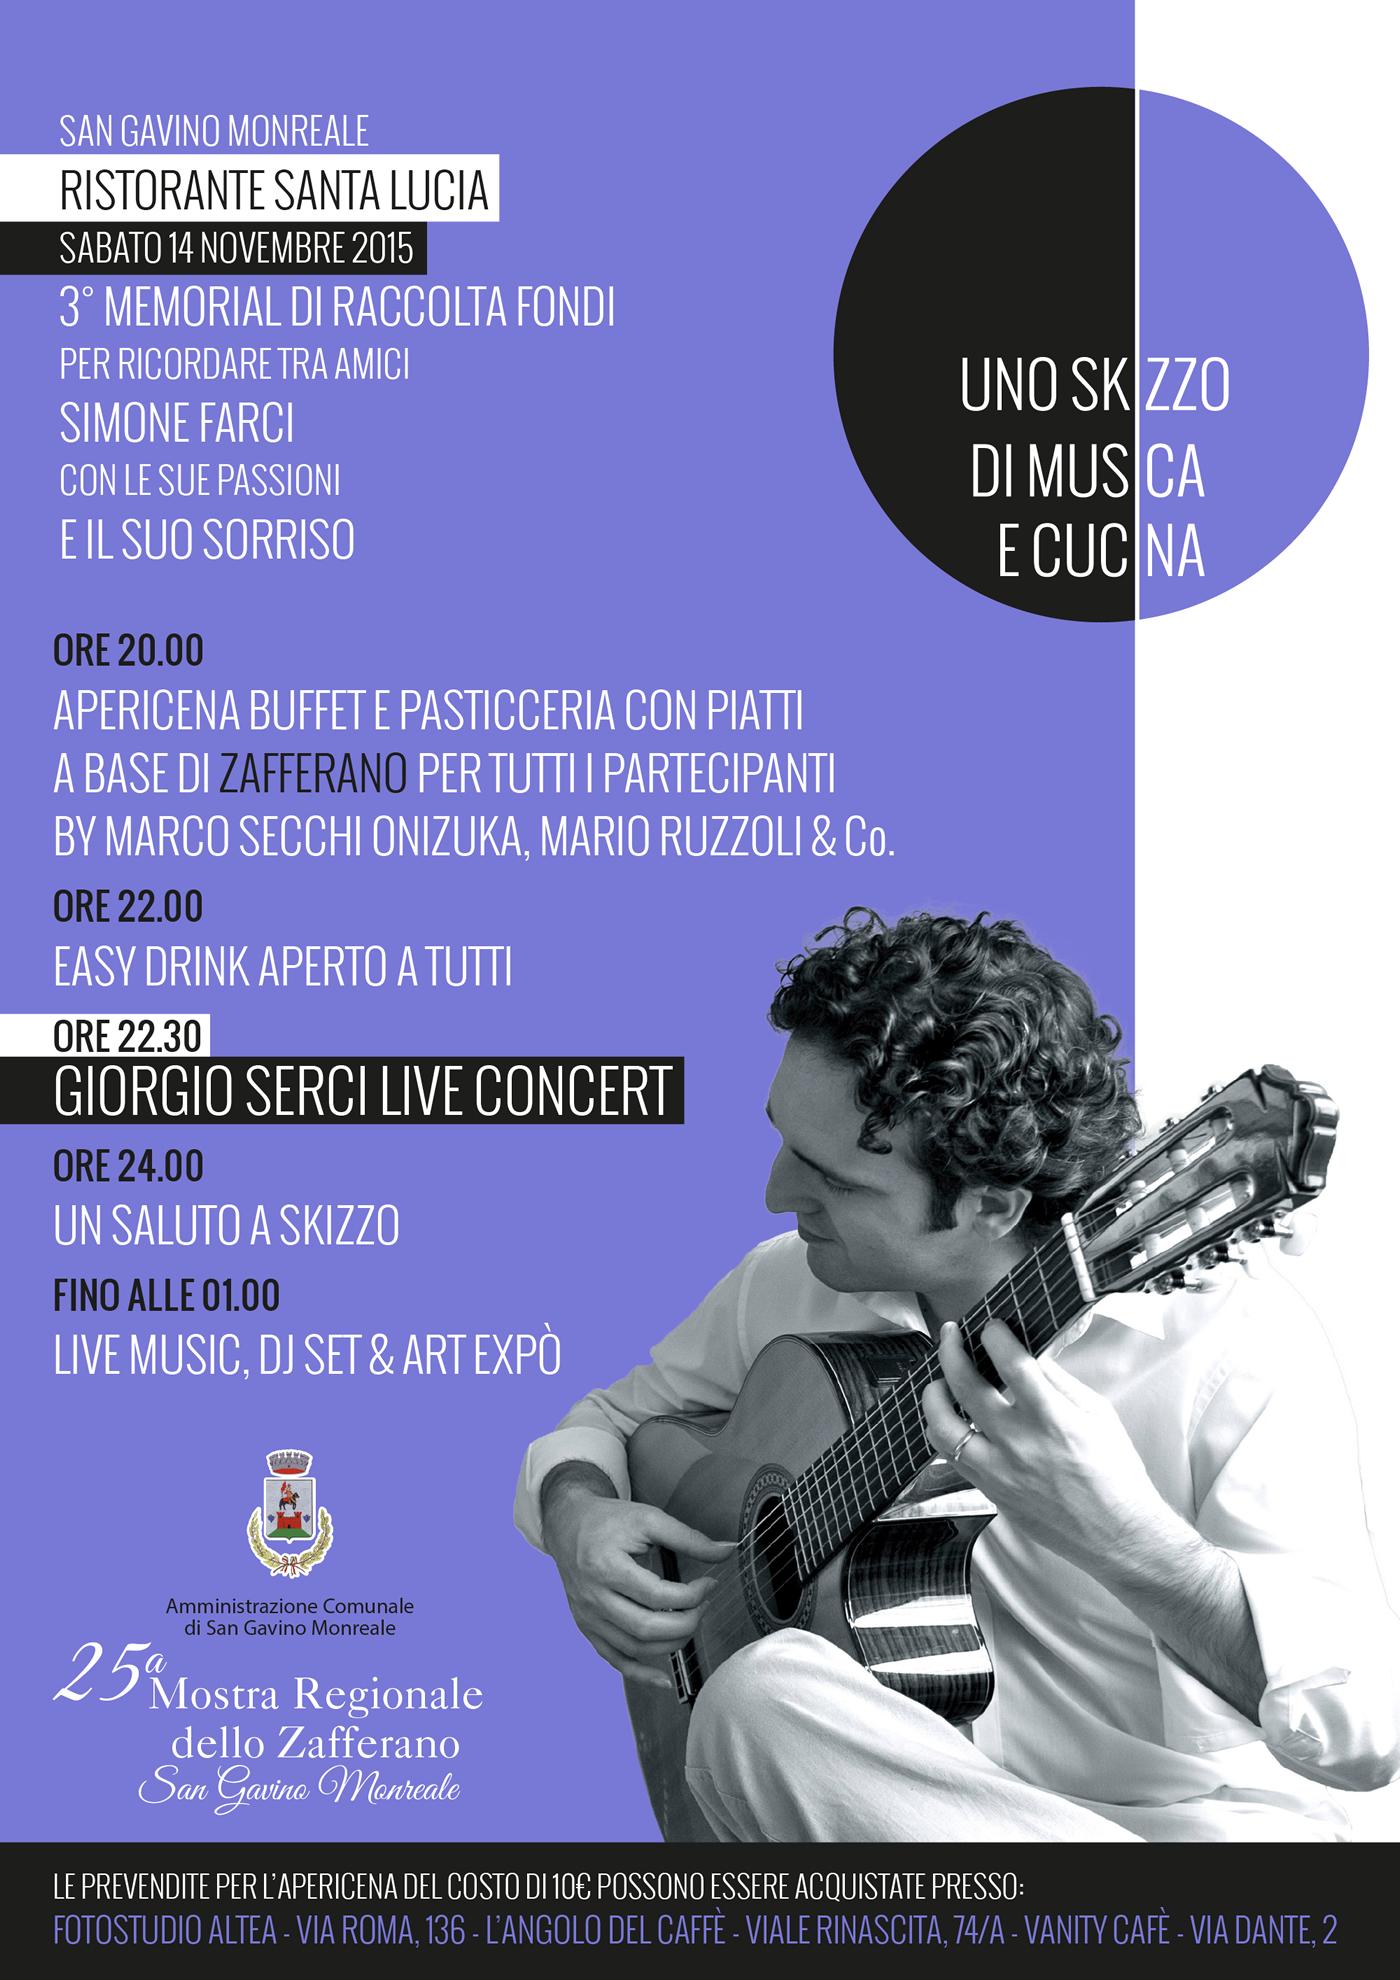 """3° memorial """"Uno Skizzo di musica e cucina"""""""